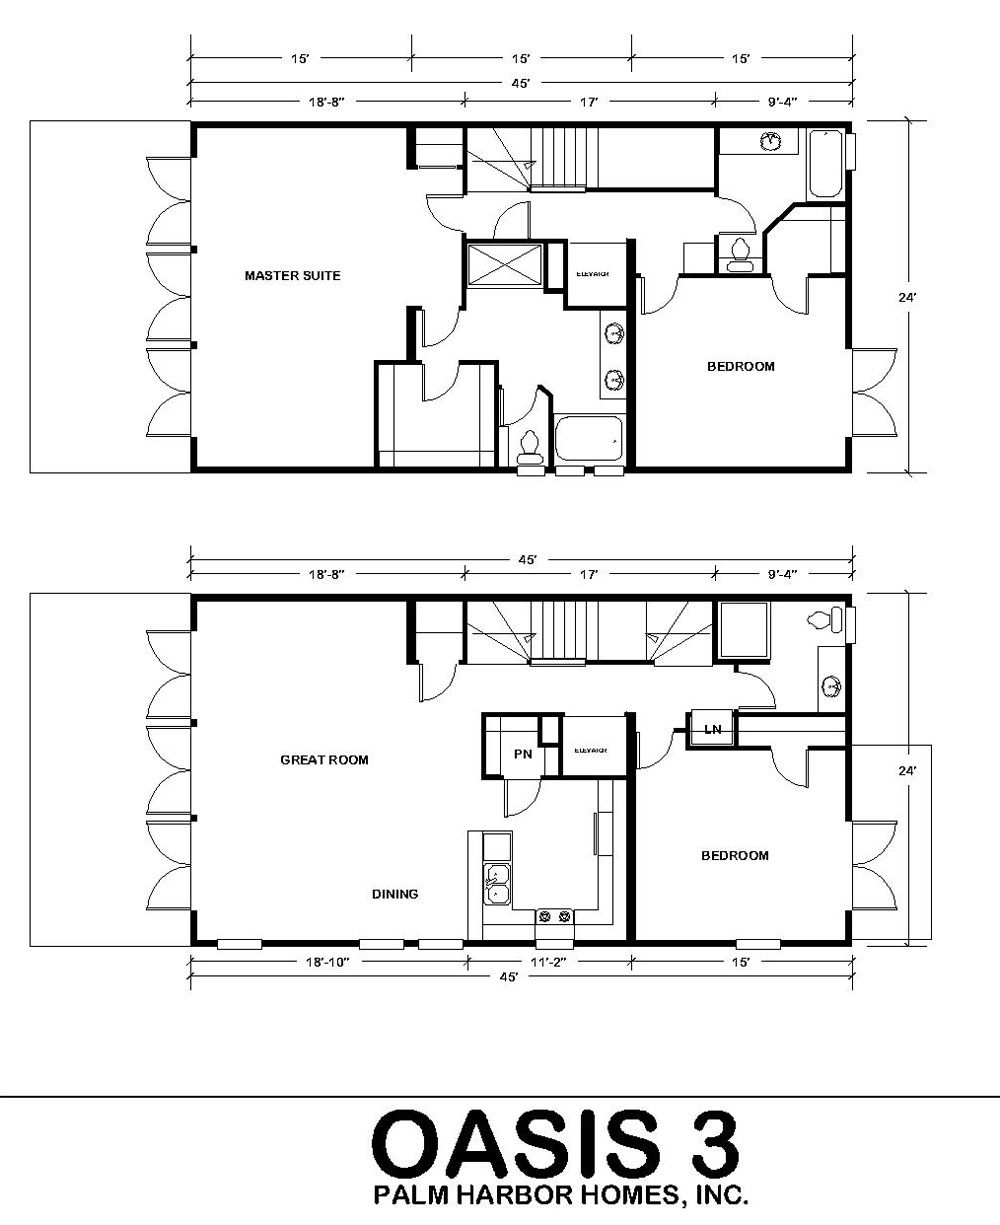 unique simple 2 story house plans 6 simple 2 story floor plans ...